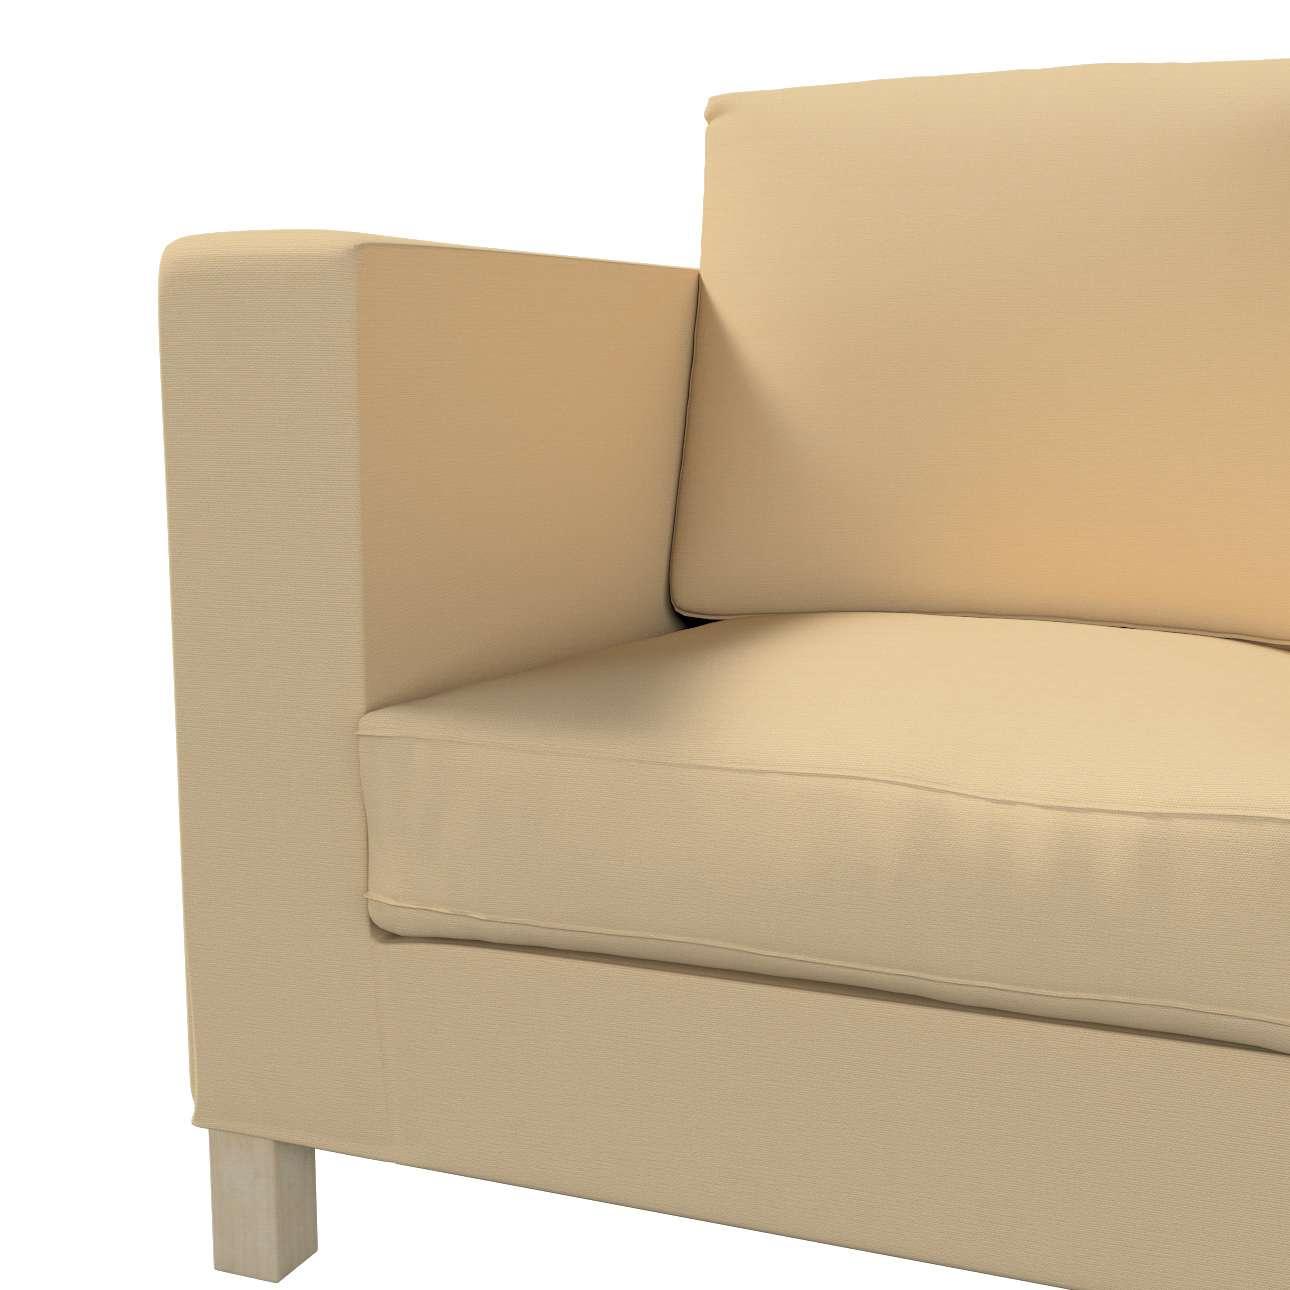 Potah na pohovku IKEA  Karlanda 3-místná nerozkládací, krátký v kolekci Cotton Panama, látka: 702-01